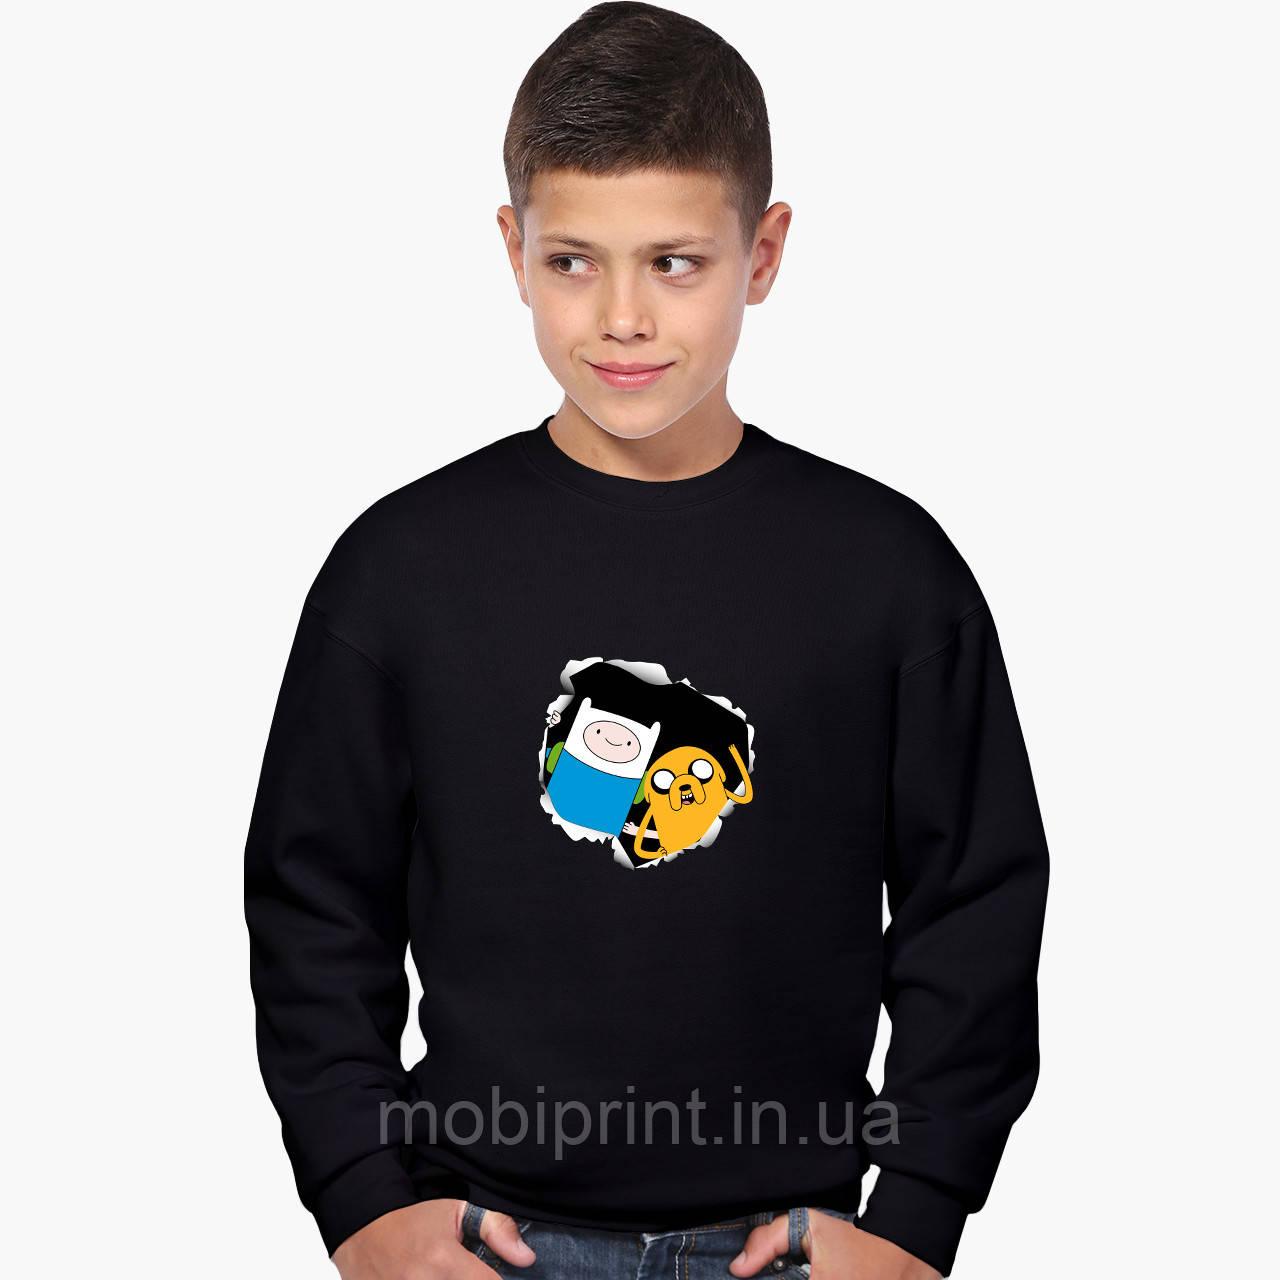 Свитшот для мальчика Финн и Джейк пес Время приключений (Adventure Time) (9509-1581) Черный